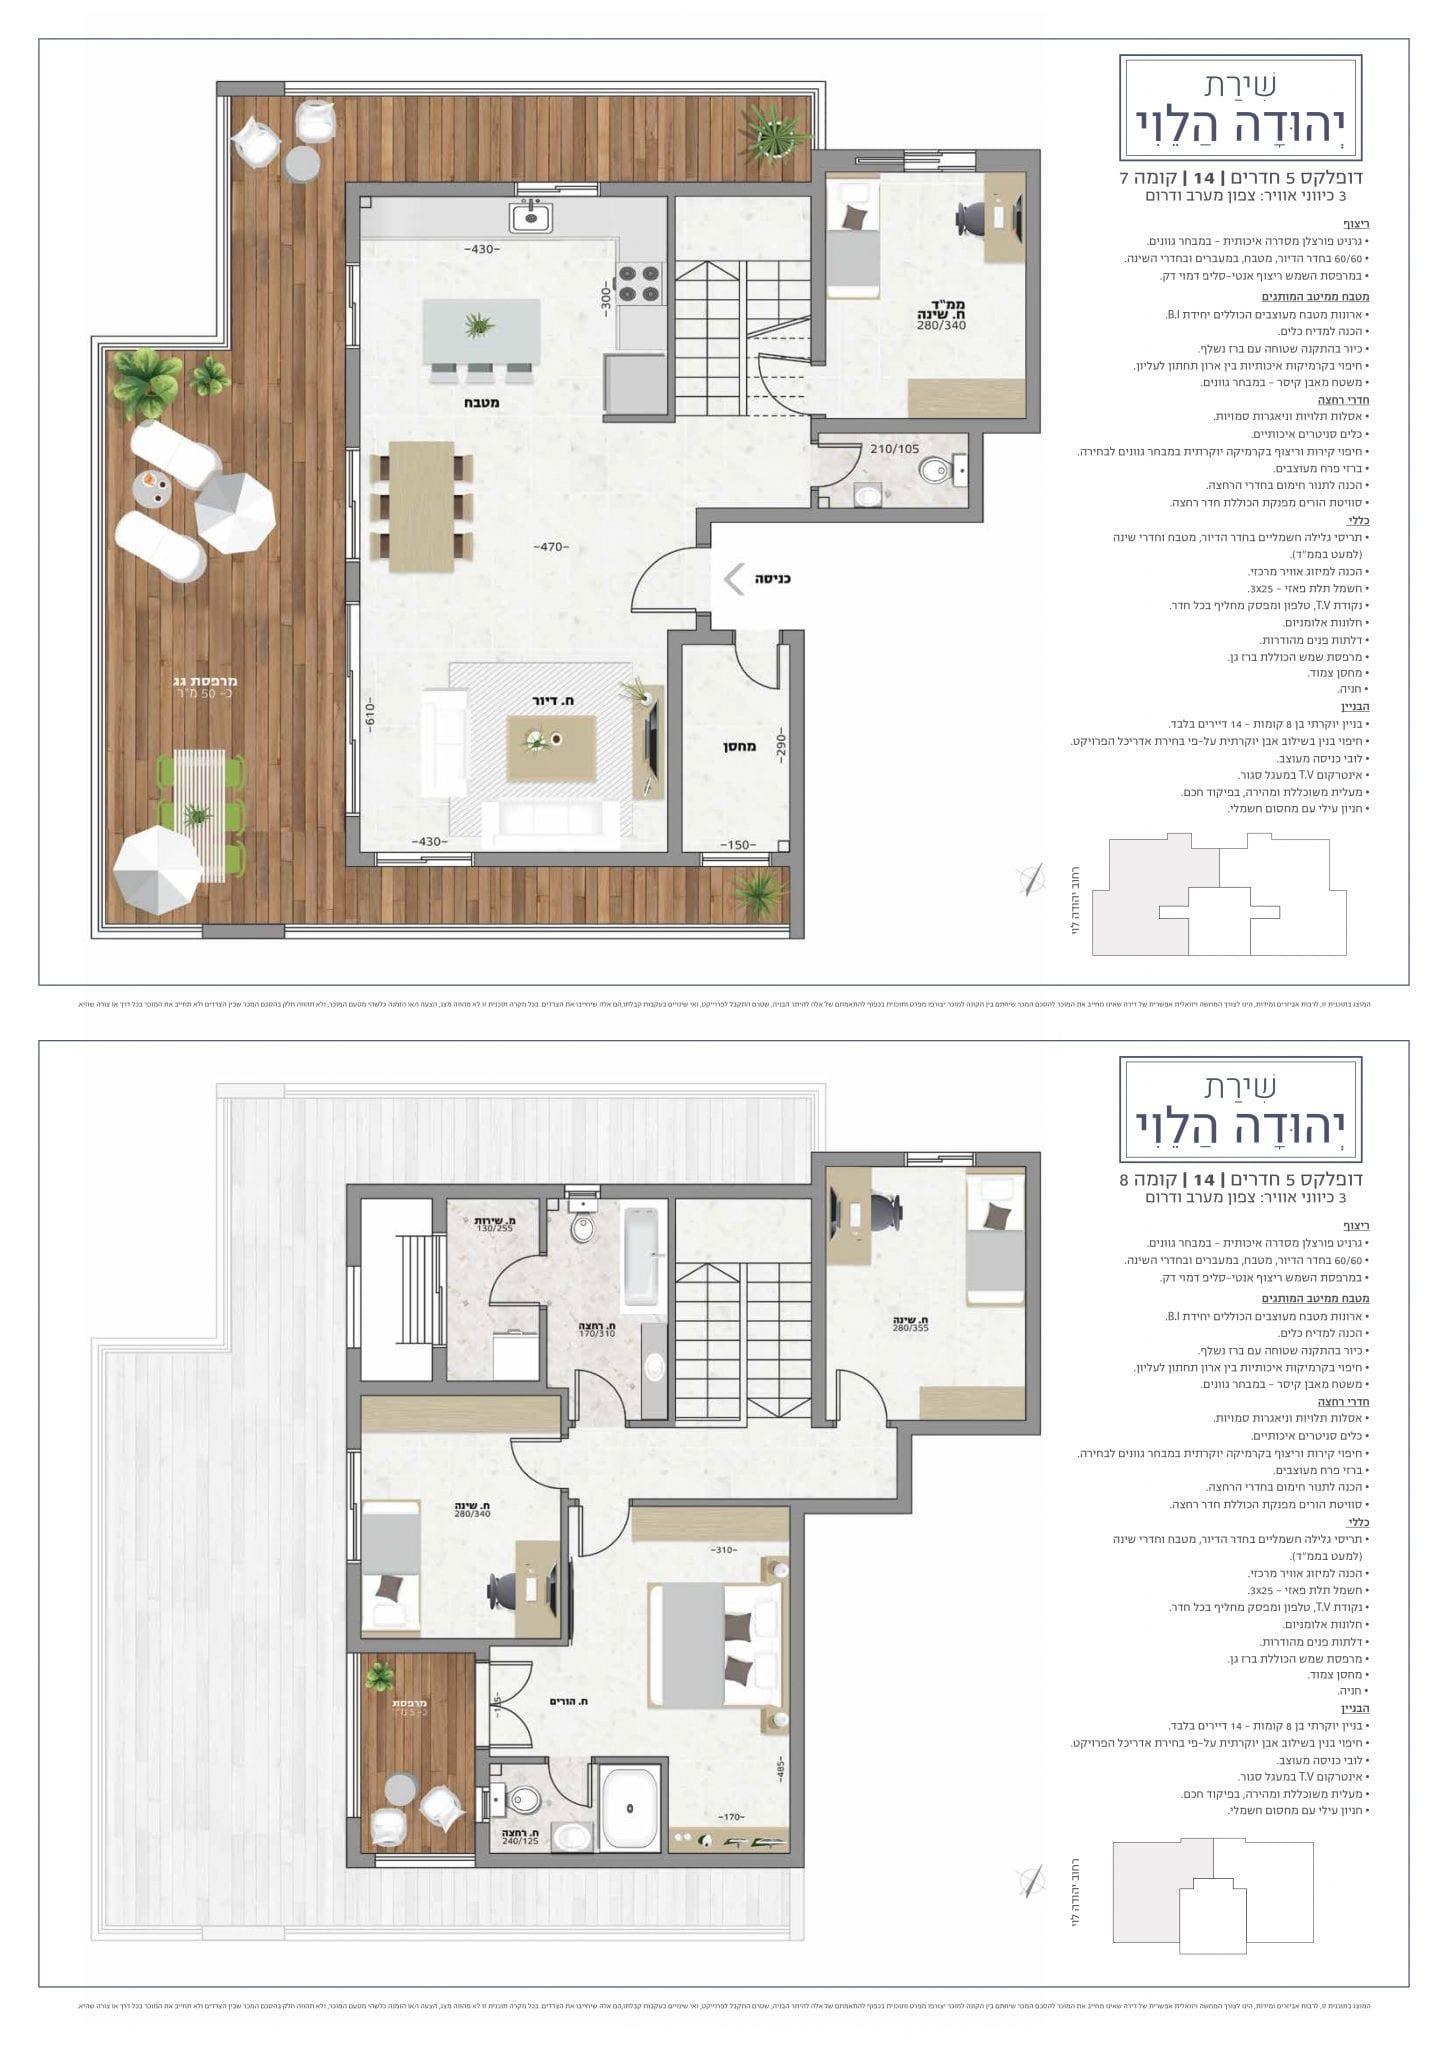 דופלקס 5 חדרים, קומה 8-7 : מספר 14